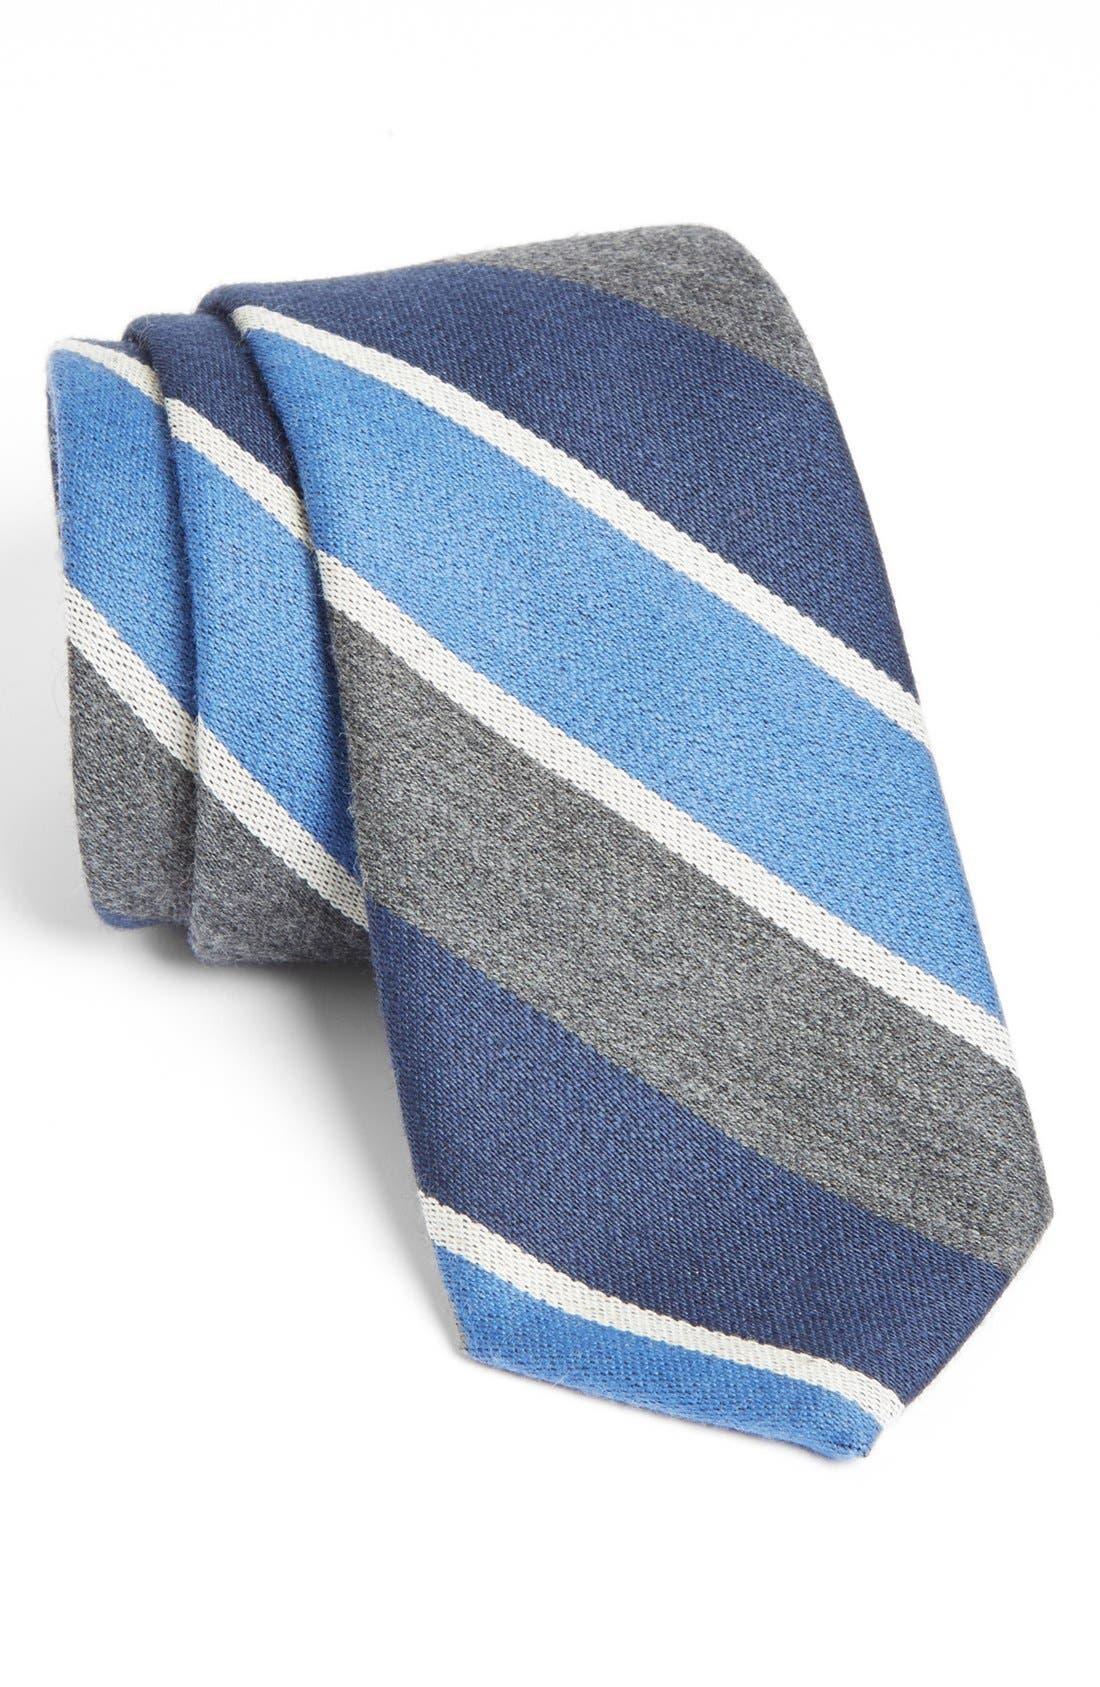 Main Image - Gitman Stripe Woven Wool Tie